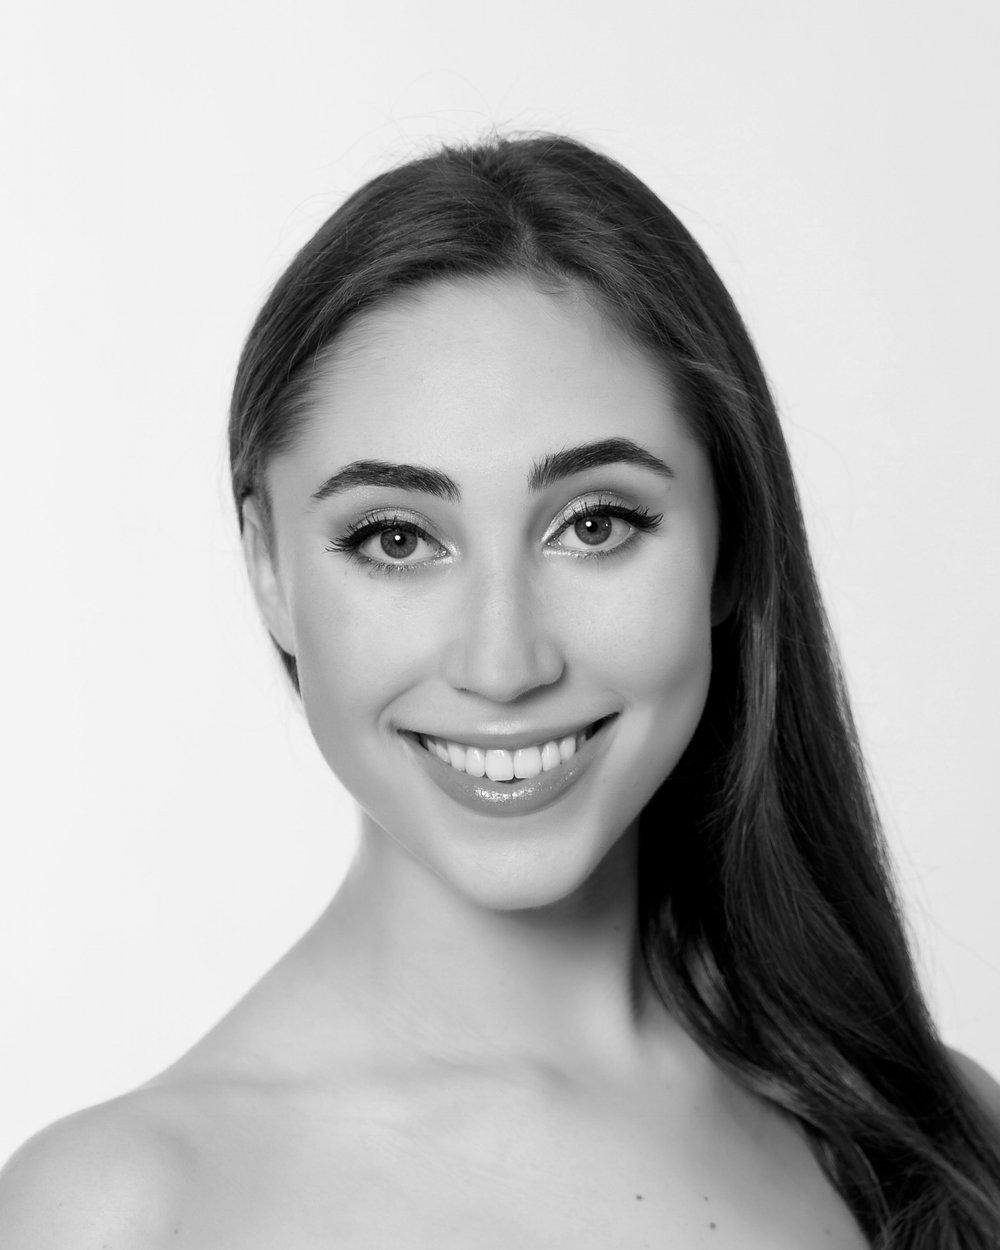 Sasha Lazarus